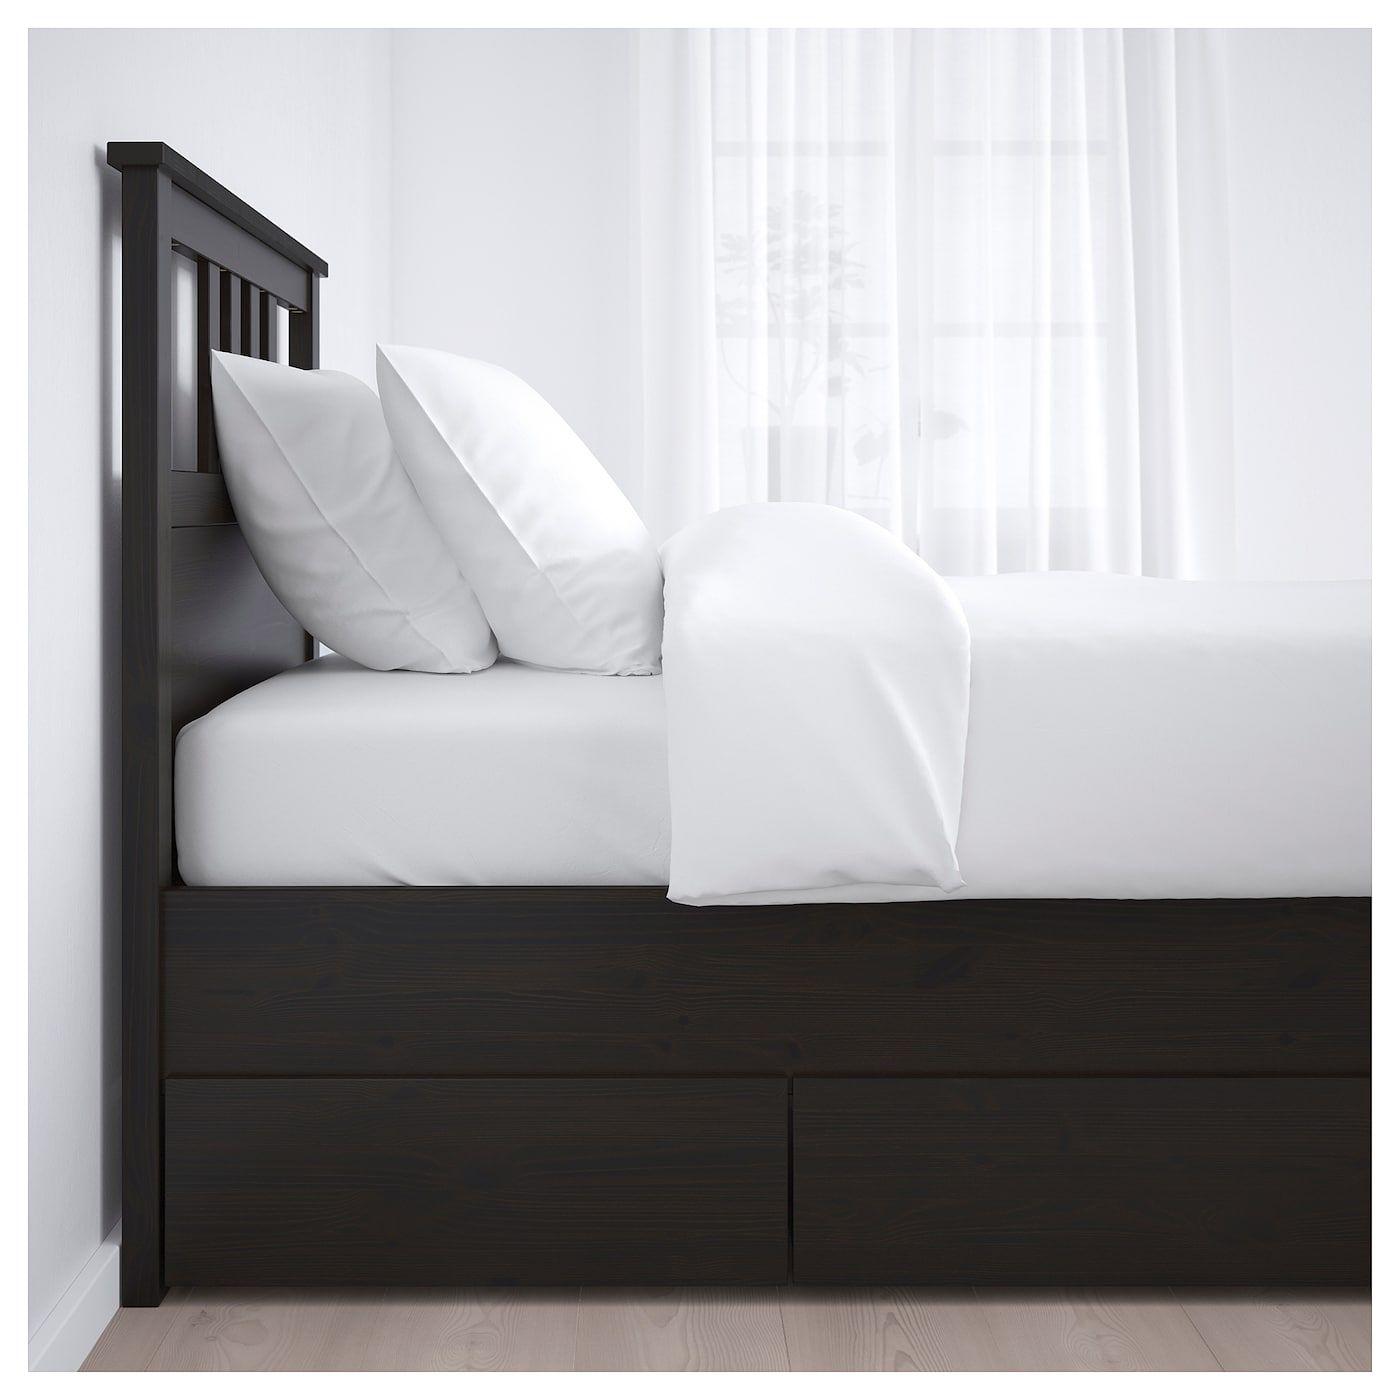 Hemnes Bed Frame With 2 Storage Boxes Black Brown Eidfjord Twin